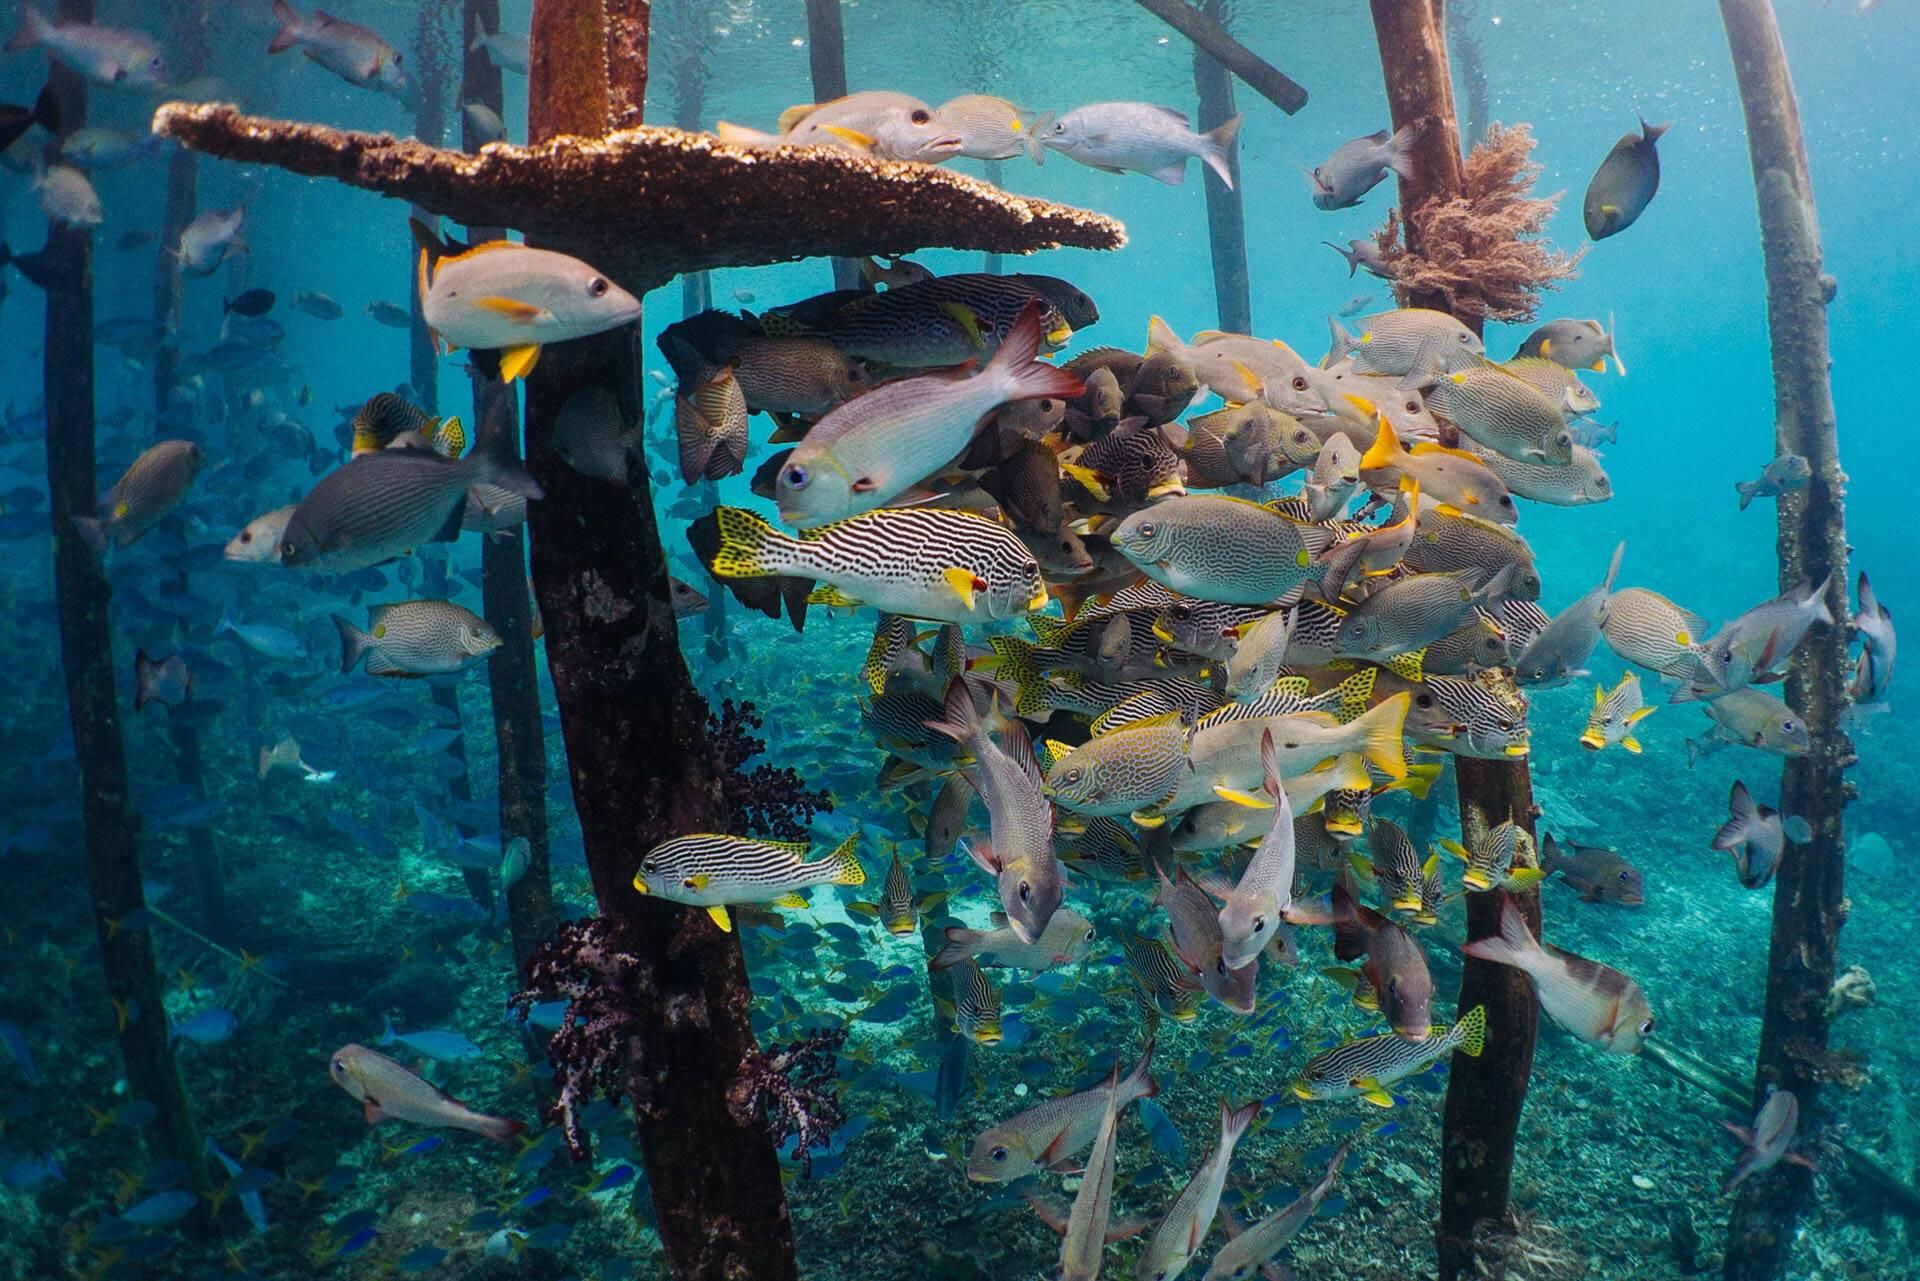 Tiger Blue Komodo Indonesie Plongee